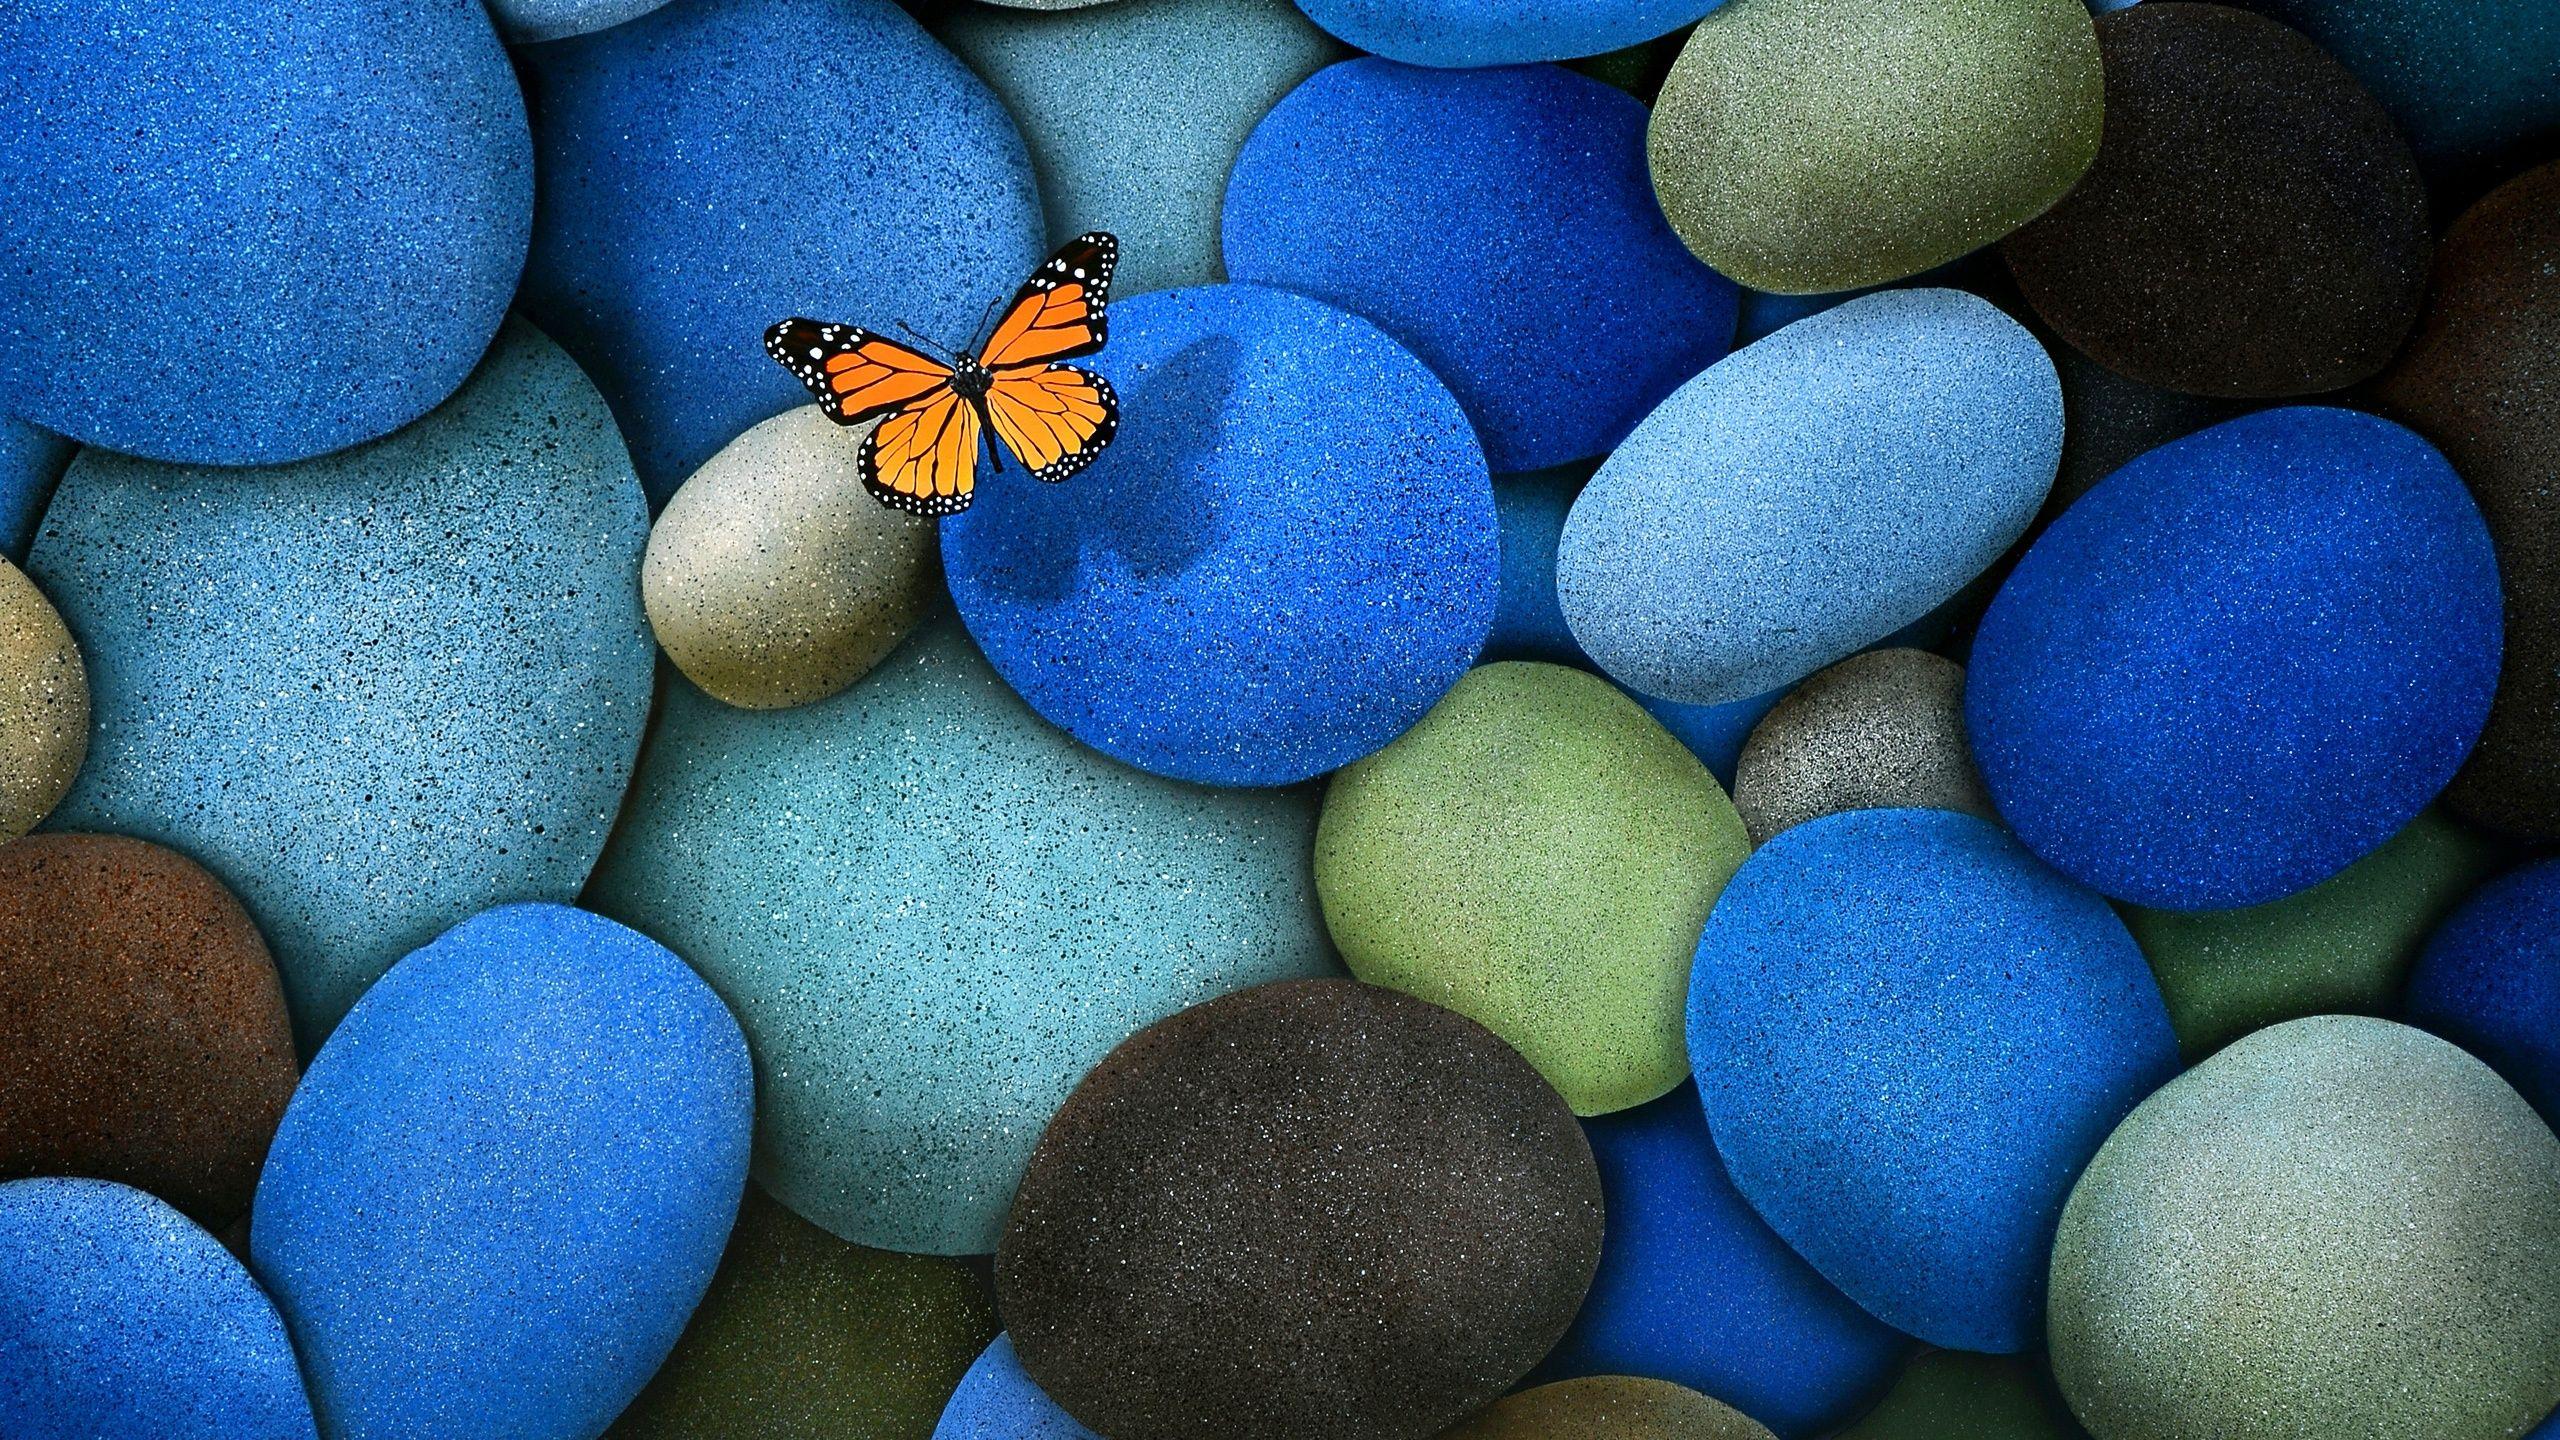 Butterfly on blue pebbles wallpaper | Butterfly wallpaper ...